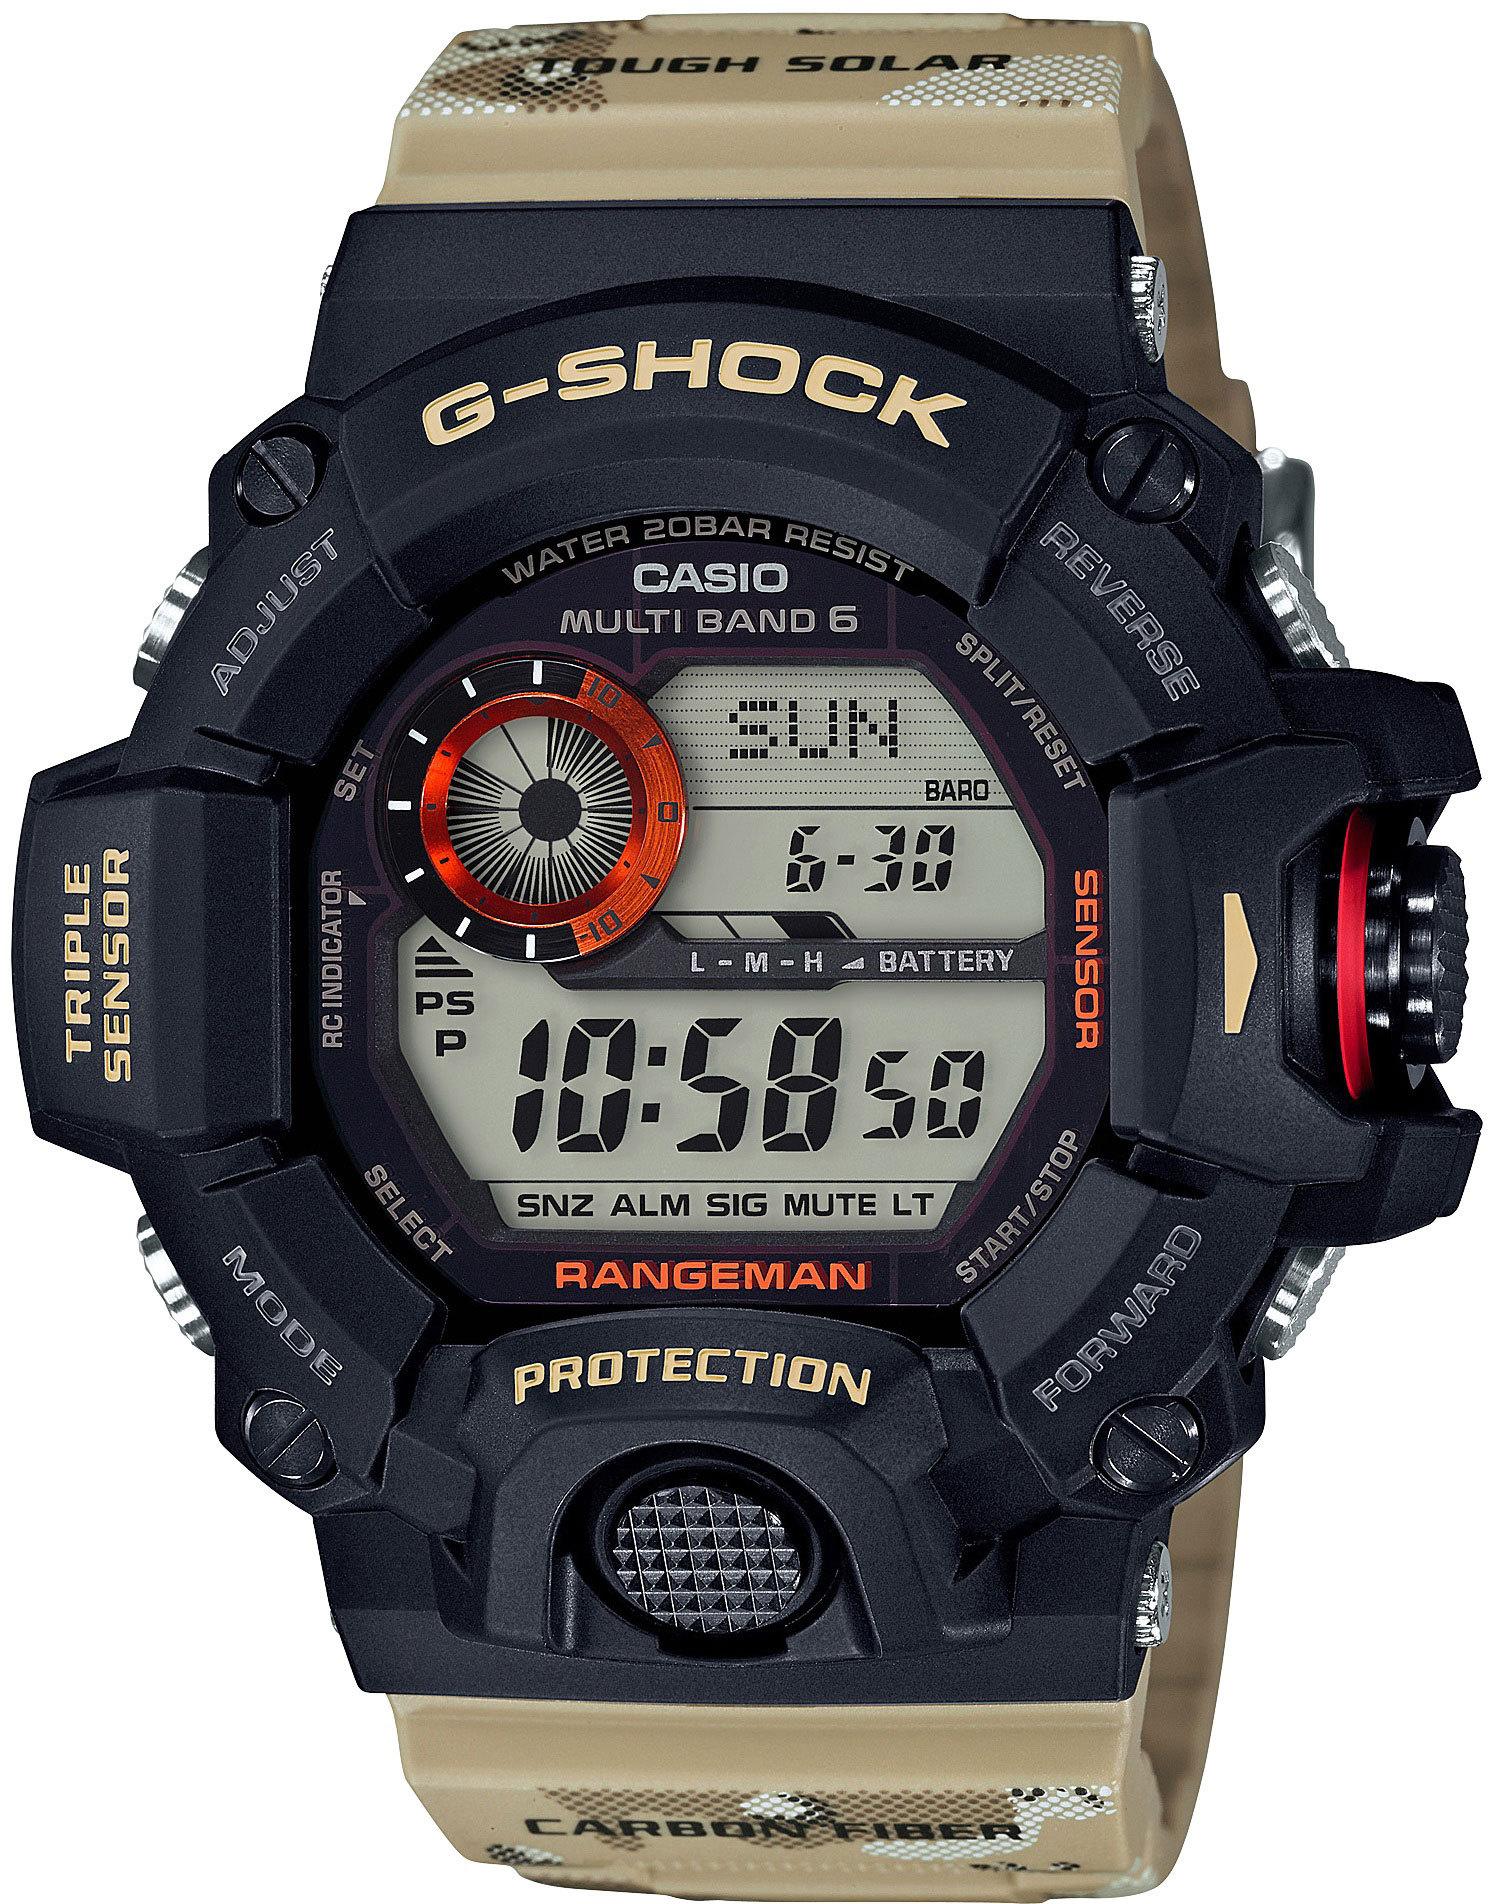 Casio G-SHOCK GW-9400DCJ-1E / GW-9400DCJ-1ER - мужские наручные часыCasio<br><br><br>Бренд: Casio<br>Модель: Casio GW-9400DCJ-1E<br>Артикул: GW-9400DCJ-1E<br>Вариант артикула: GW-9400DCJ-1ER<br>Коллекция: G-SHOCK<br>Подколлекция: None<br>Страна: Япония<br>Пол: мужские<br>Тип механизма: кварцевые<br>Механизм: None<br>Количество камней: None<br>Автоподзавод: None<br>Источник энергии: от солнечной батареи<br>Срок службы элемента питания: 8 мес<br>Дисплей: None<br>Цифры: None<br>Водозащита: WR 200<br>Противоударные: есть<br>Материал корпуса: пластик<br>Материал браслета: пластик<br>Материал безеля: None<br>Стекло: минеральное<br>Антибликовое покрытие: None<br>Цвет корпуса: None<br>Цвет браслета: None<br>Цвет циферблата: None<br>Цвет безеля: None<br>Размеры: None<br>Диаметр: None<br>Диаметр корпуса: None<br>Толщина: None<br>Ширина ремешка: None<br>Вес: 93 г<br>Спорт-функции: секундомер, таймер обратного отсчета, высотомер, барометр, термометр, компас<br>Подсветка: дисплея<br>Вставка: None<br>Отображение даты: вечный календарь, число, месяц, день недели<br>Хронограф: None<br>Таймер: None<br>Термометр: None<br>Хронометр: None<br>GPS: None<br>Радиосинхронизация: есть<br>Барометр: None<br>Скелетон: None<br>Дополнительная информация: автоподсветка, ежечасный сигнал, повтор сигнала будильника, отображение времени восхода и захода Солнца, функция сохранения энергии, функция включения/отключения звука кнопок, время работы аккумулятора с использованием функции сохранения энергии - 23 месяца, ремешок с карбоновыми вставками<br>Дополнительные функции: индикатор запаса хода, второй часовой пояс, будильник (количество установок: 5)